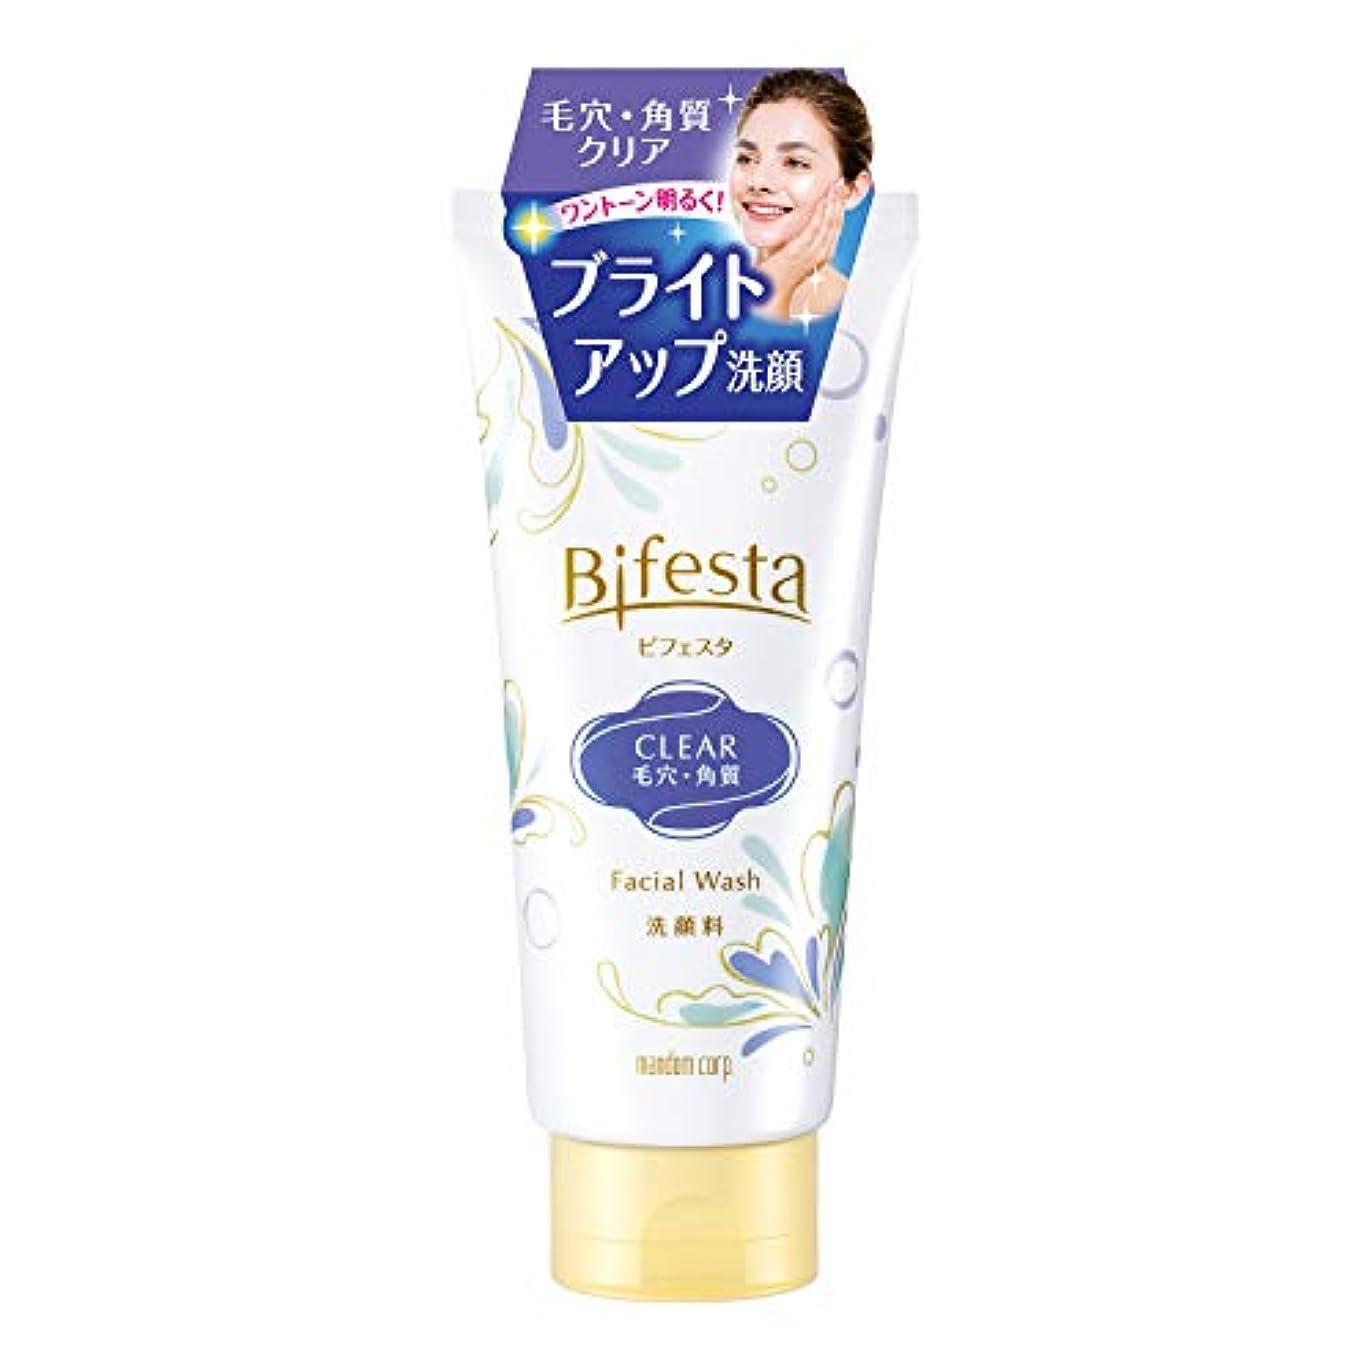 叫ぶストッキング不信ビフェスタ(Bifesta)洗顔 クリア 120g 毛穴?角質クリアタイプの洗顔料